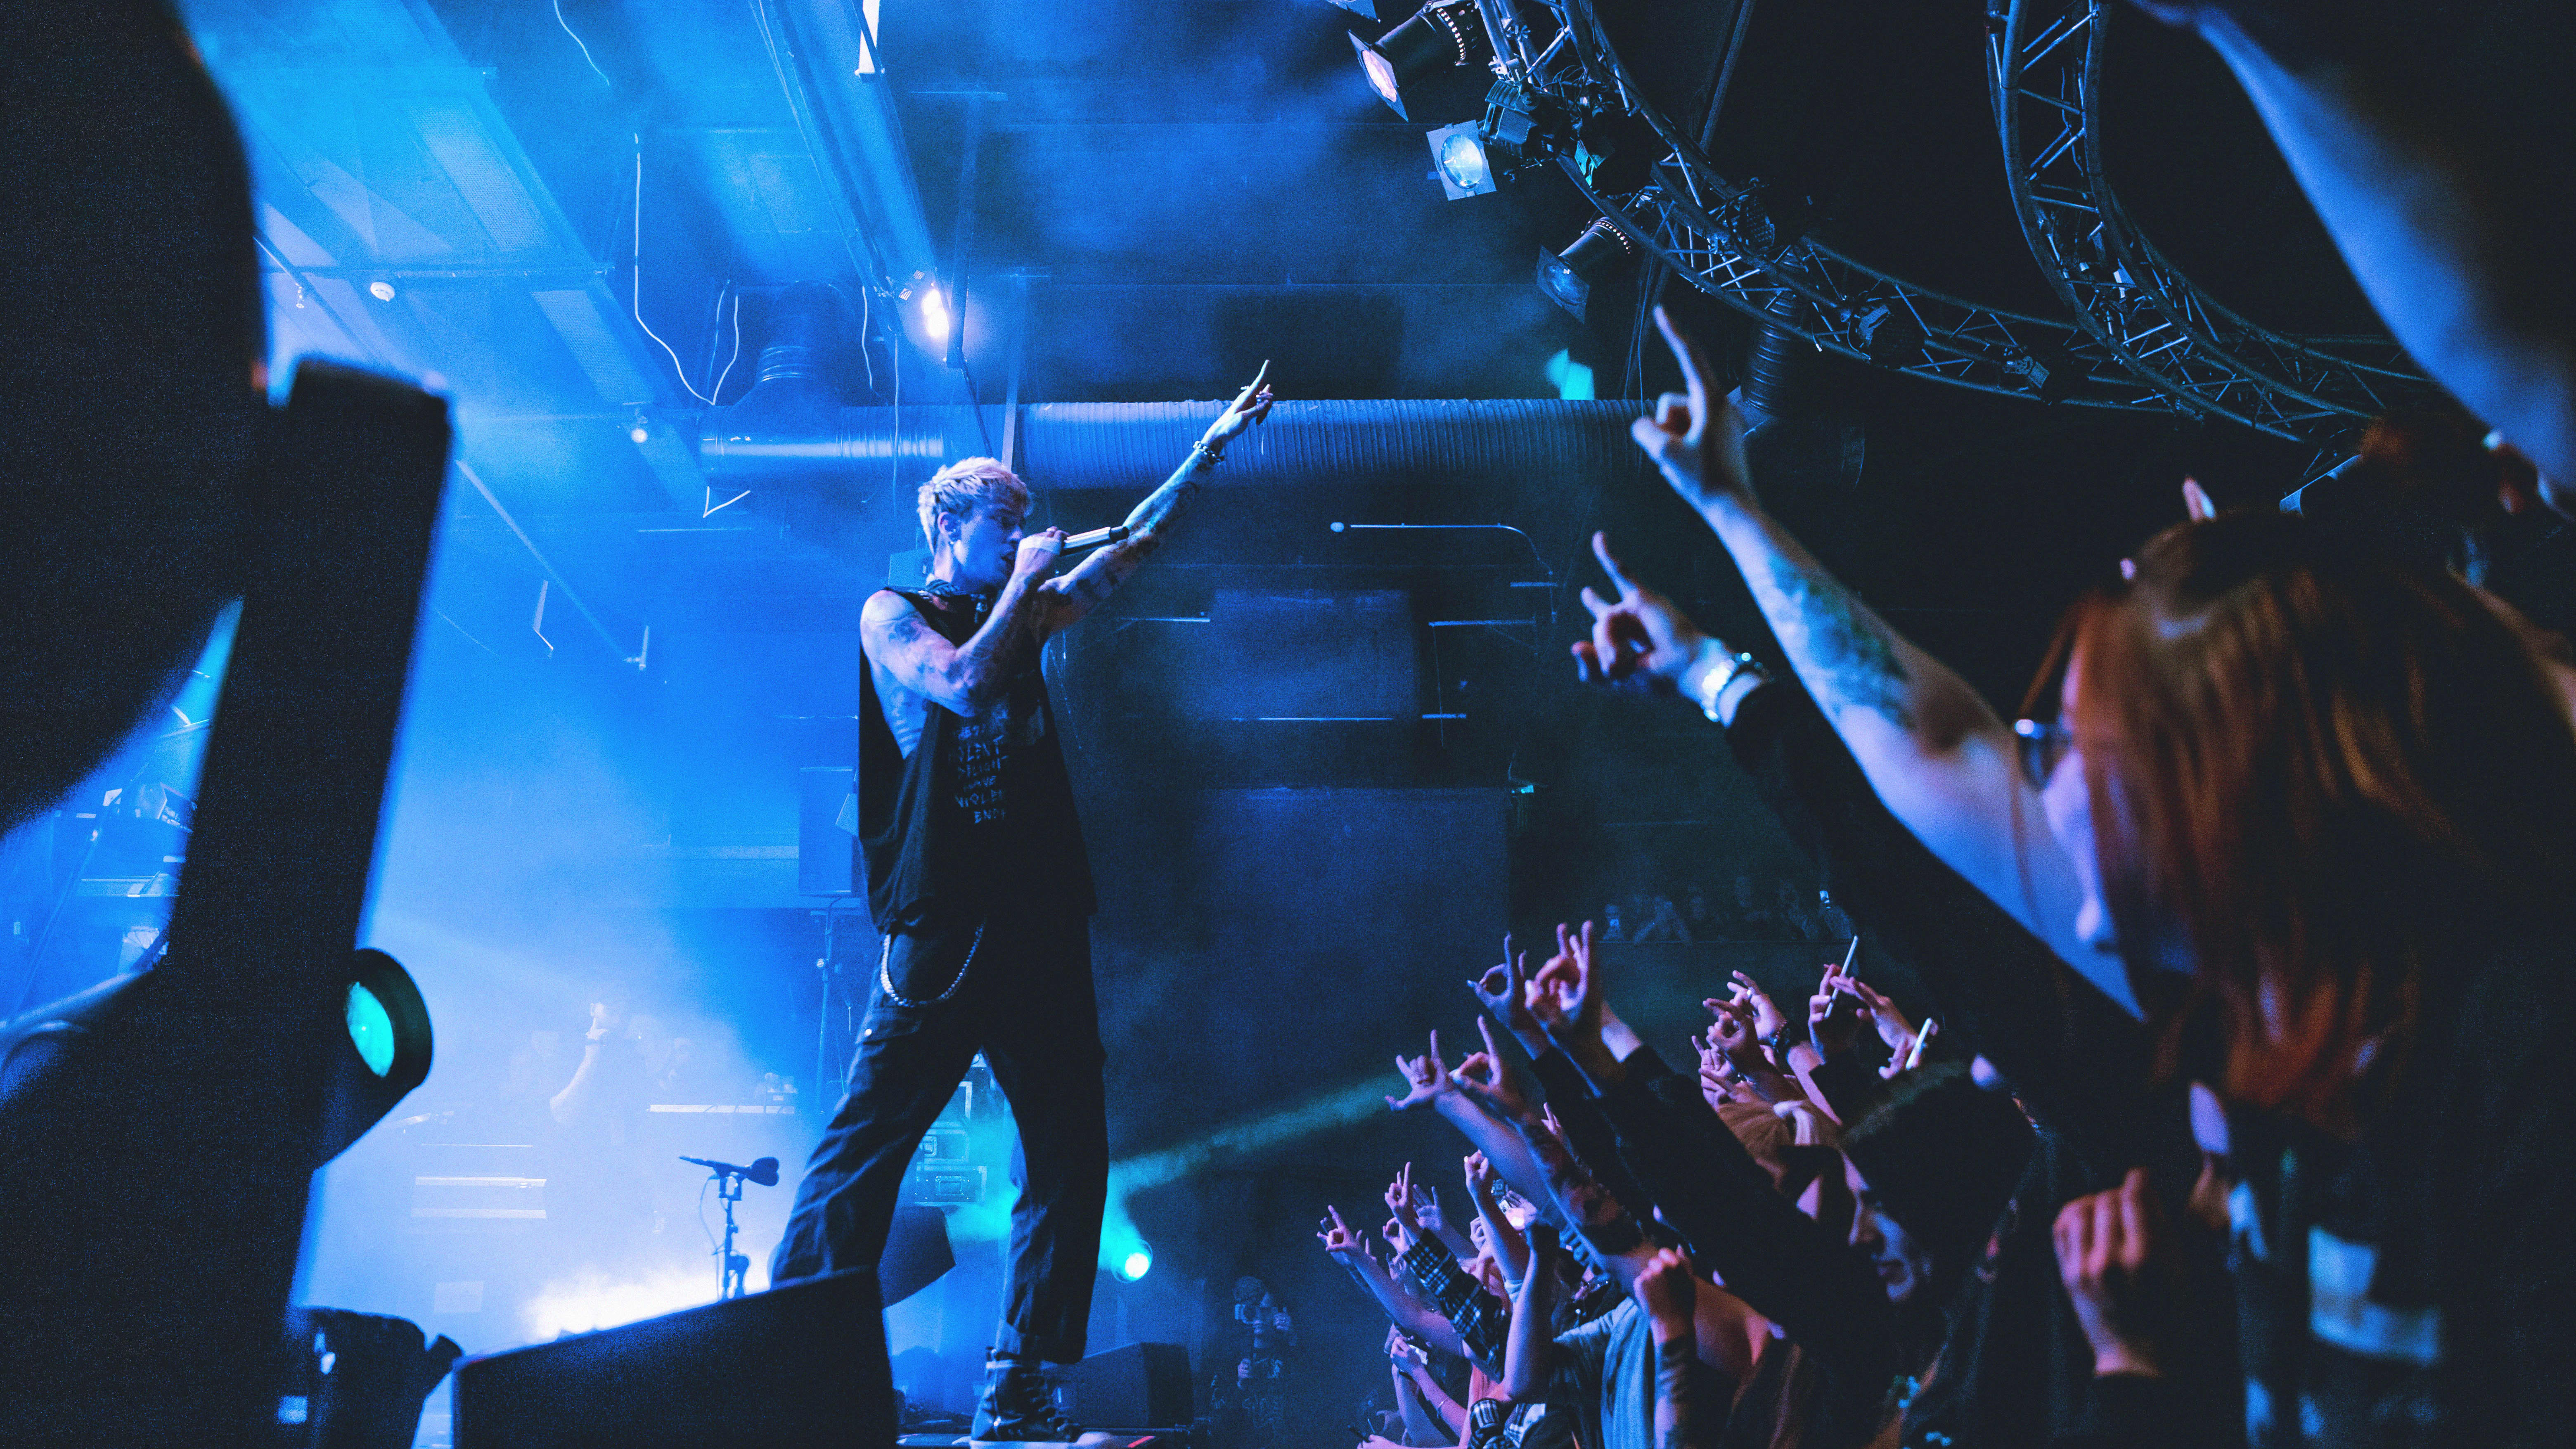 Räppäri Machine Gun Kelly seisoo lavalla sormet ojossa pirunsarviasennossa, yleisö vastaa samalal eleellä.